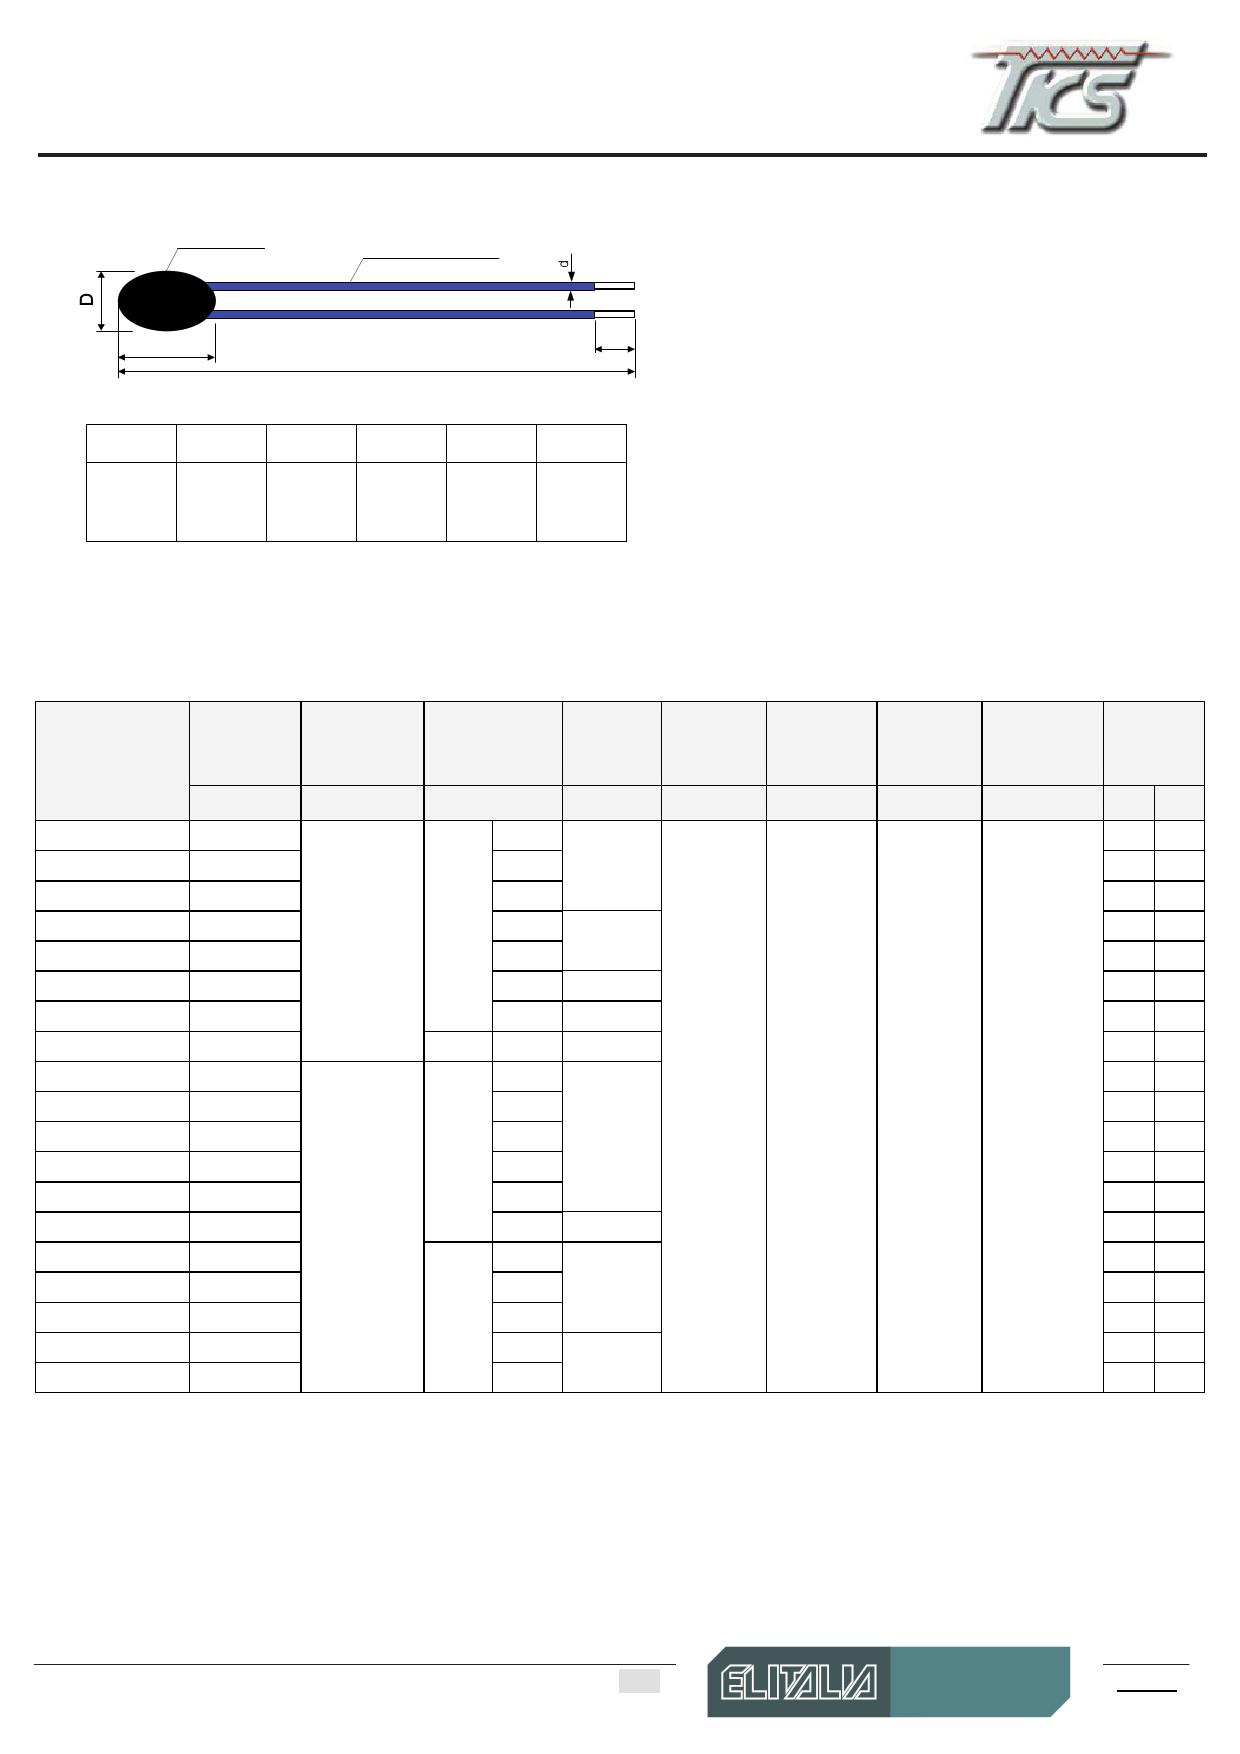 TTS2A502 pdf, schematic